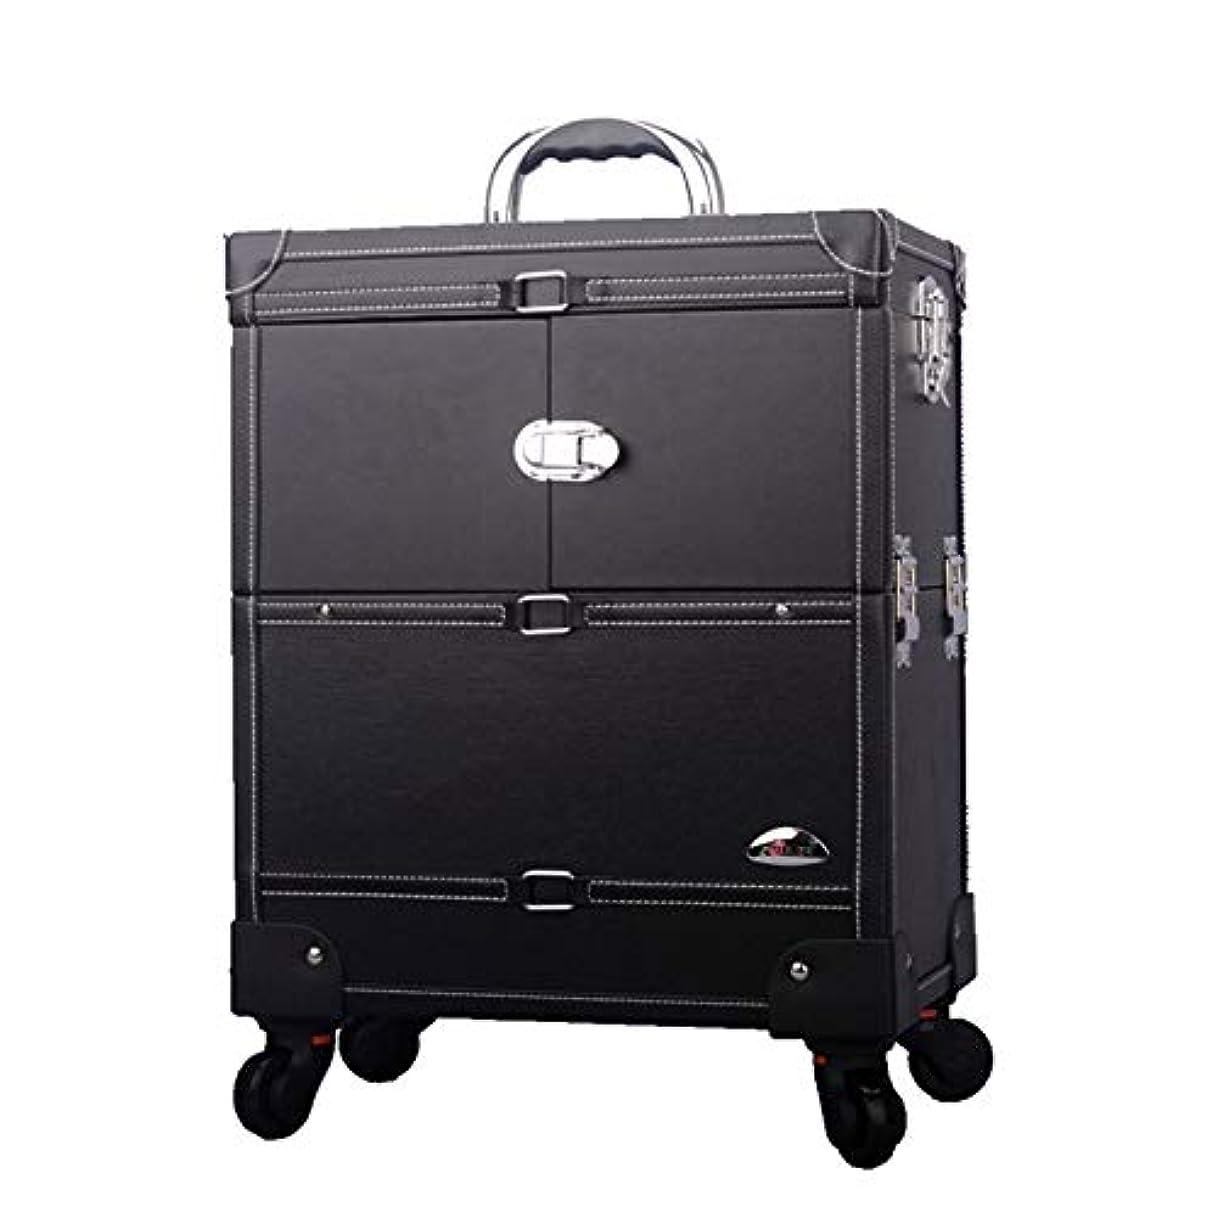 プロ専用 美容師 クローゼット スーツケース メイクボックス キャリーバッグ ヘアメイク プロ 大容量 軽量 高品質 多機能 I-JL-3623T-B-T